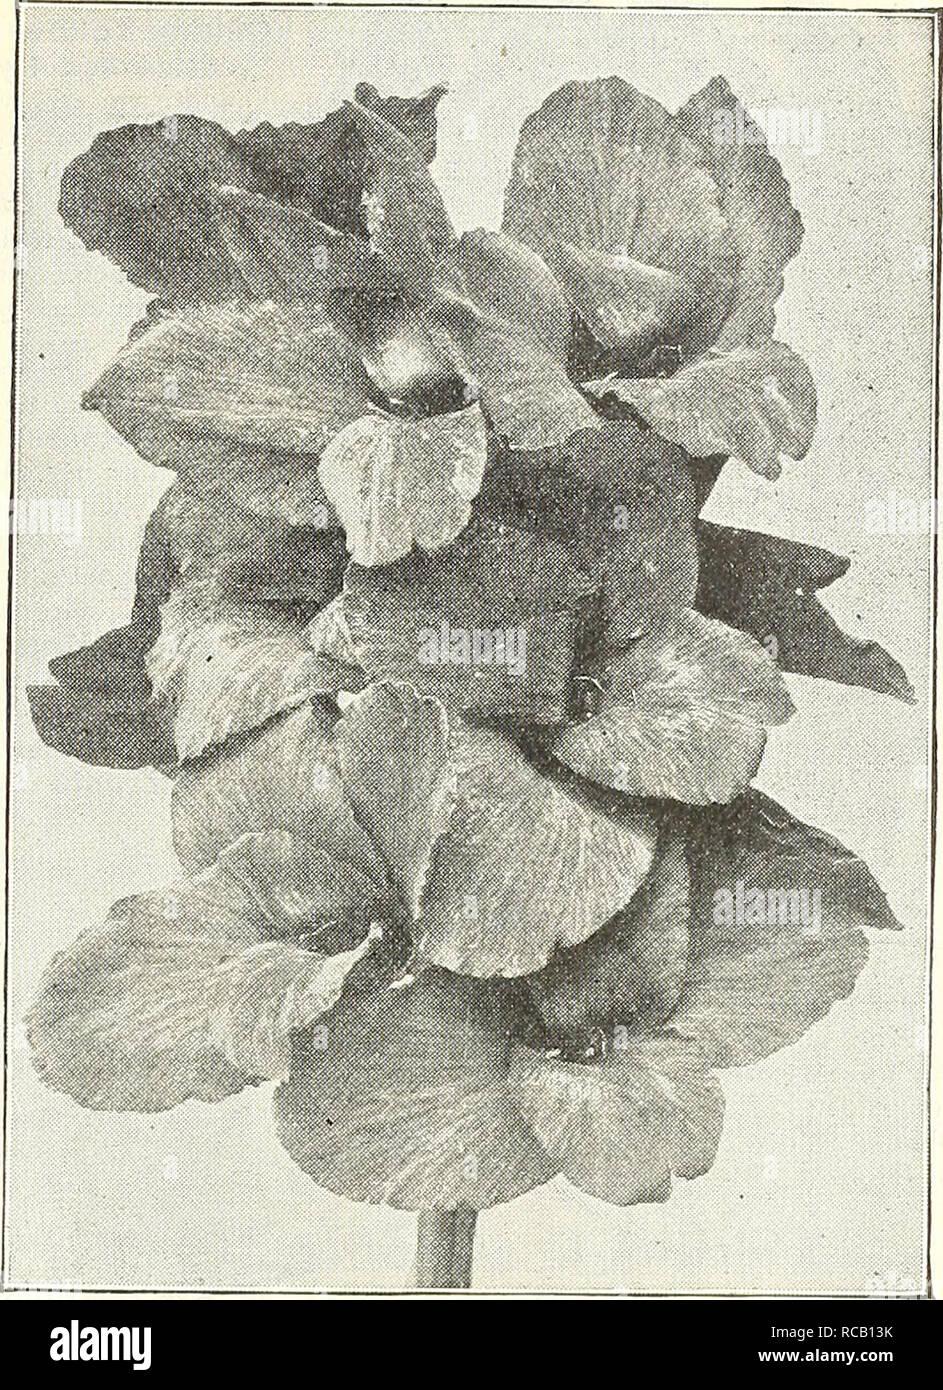 . Dreer's garden prenota : 1904. Cataloghi di sementi; vivaio cataloghi; attrezzature da giardinaggio e fornisce cataloghi; fiori Semi cataloghi; semi di ortaggi cataloghi; frutto Semi cataloghi. [WADRffiR -PHIIADELPHIAMmGARDEN^-OREENHOUSf PlAhU H i-i dieci nuovi CANNAS di meriti speciali. Di seguito sono riportate le iiUroductions del 1902 e 1903, e hanno avuto una prova accurata con noi. Abbiamo trovato tliem di meriti eccezionali e più desiderabile aggiunte a qualsiasi high-grade raccolta. Orand Duca Ludovico. I ricchi porpora di Carmine Di Marco- rali ; llowers molto grandi, petali frequentemente la misura 2j pollici attraverso ; ben arrotondati Immagini Stock